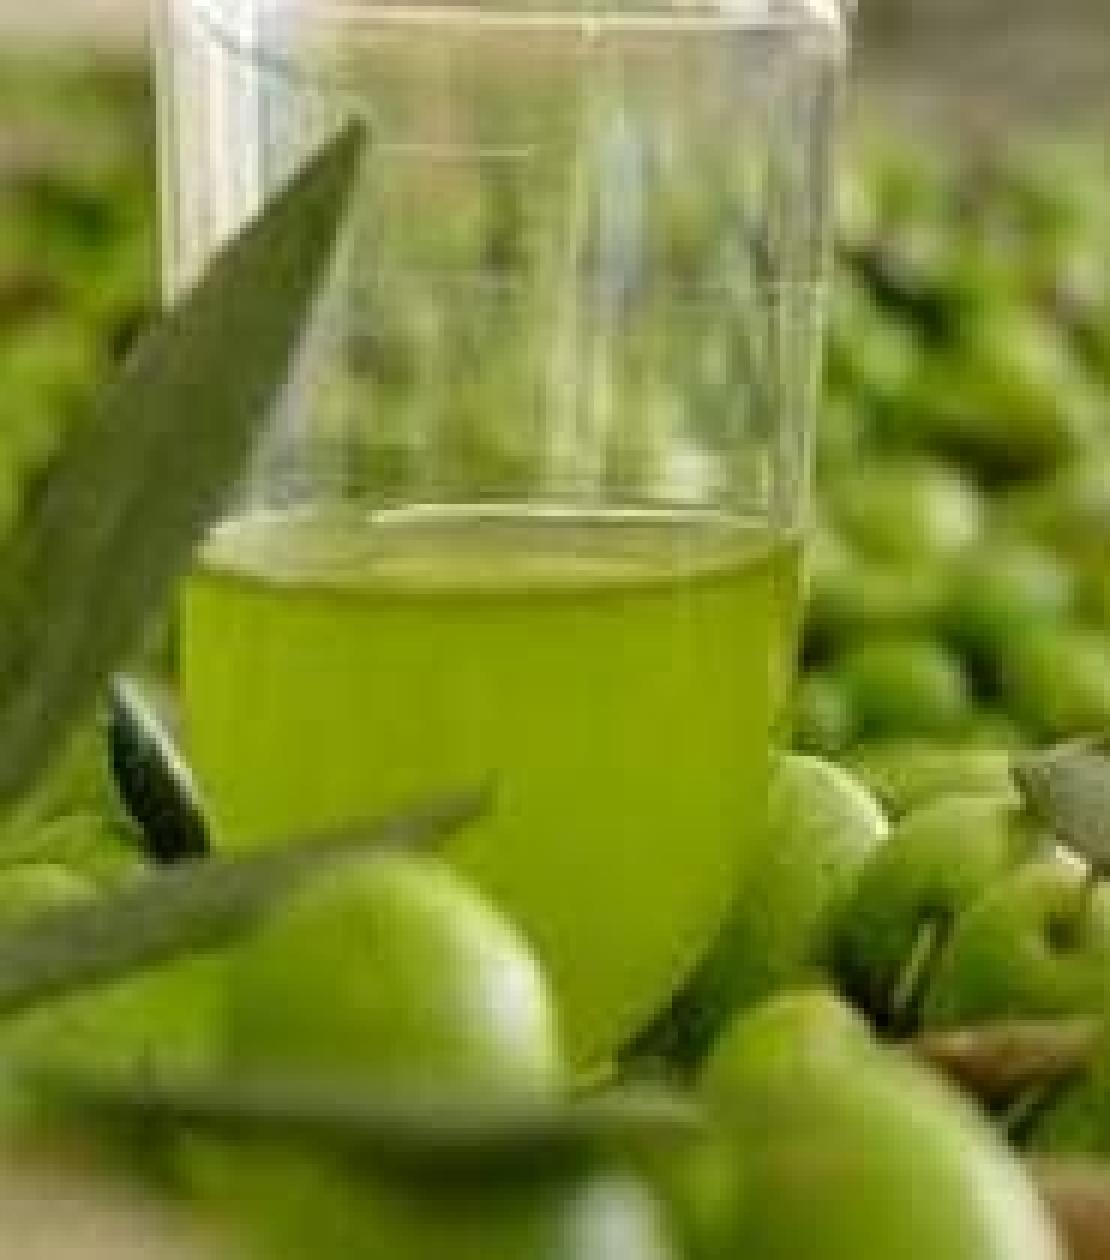 Troppo lunghe le analisi di laboratorio per l'olio d'oliva. Via libera a strumenti portatili?